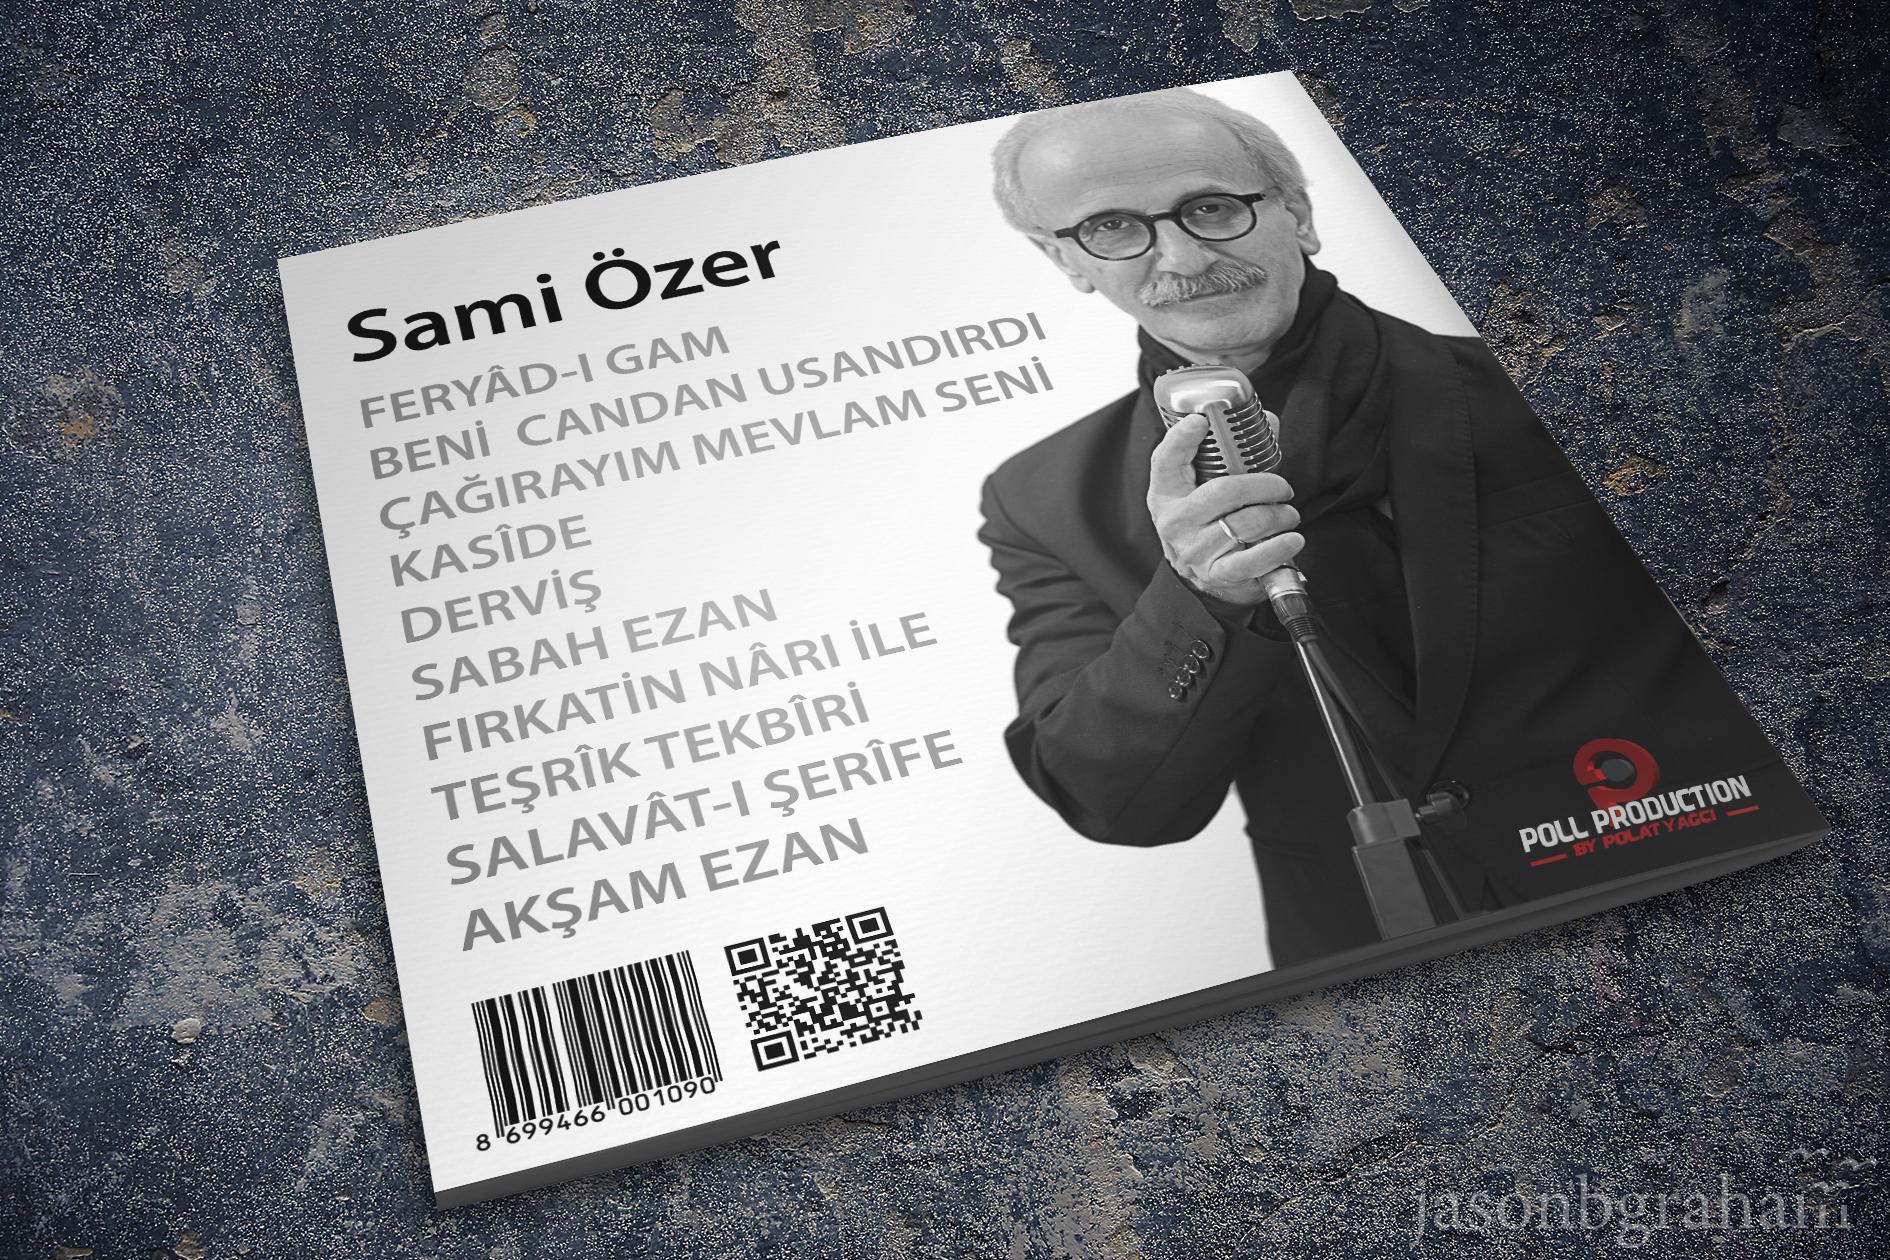 sami-ozer-cd-insert-0008